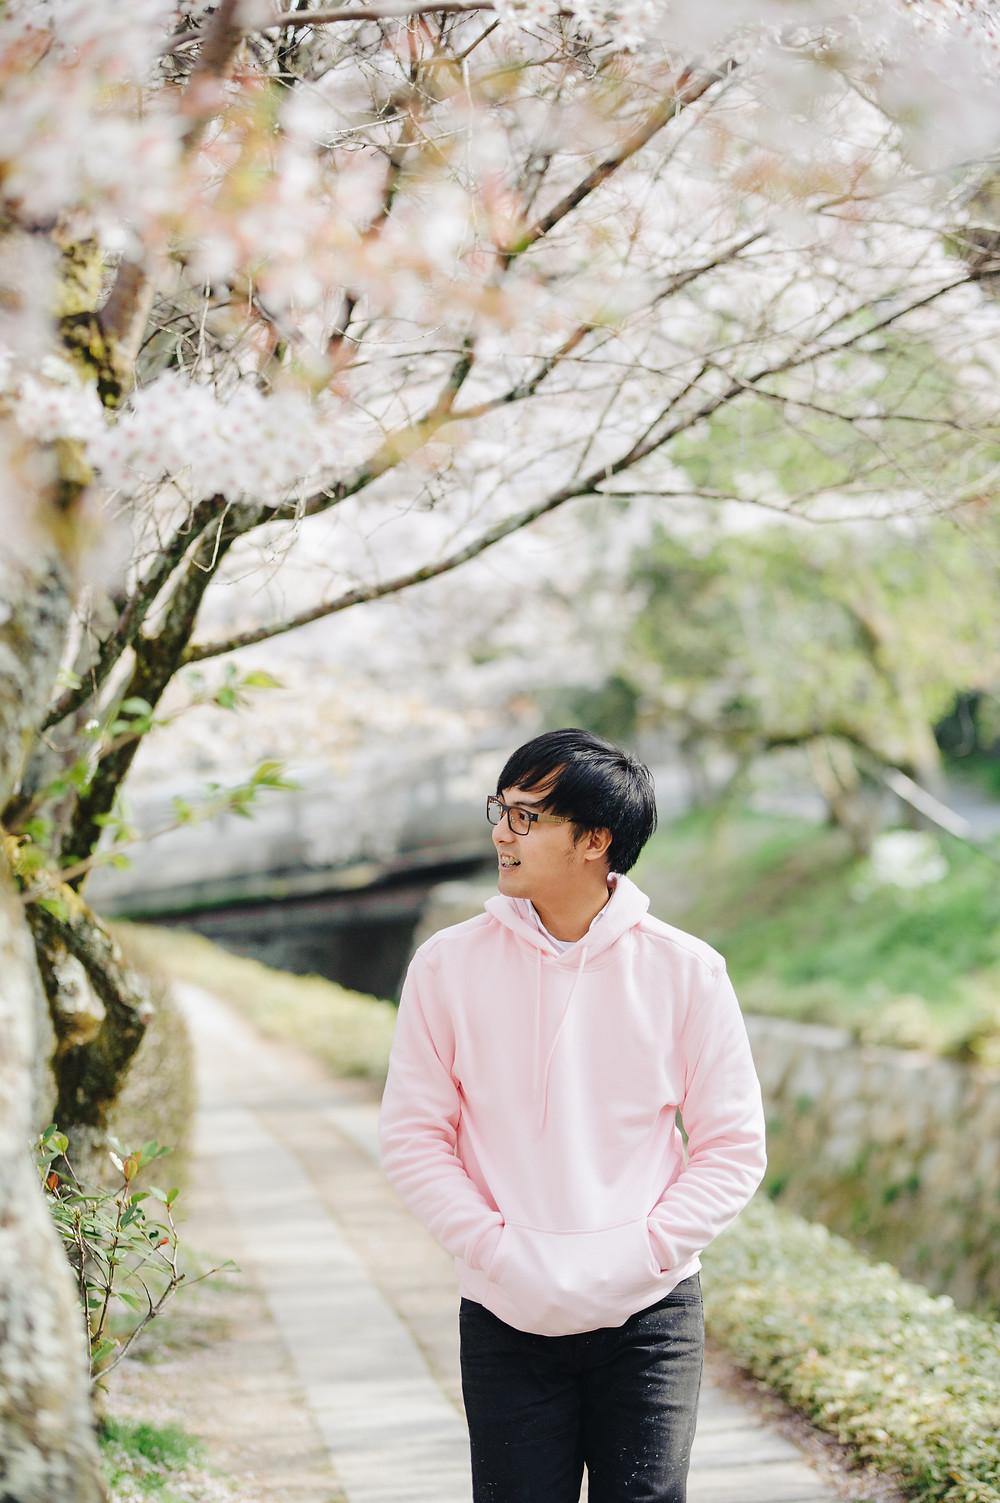 Blas under the Sakura